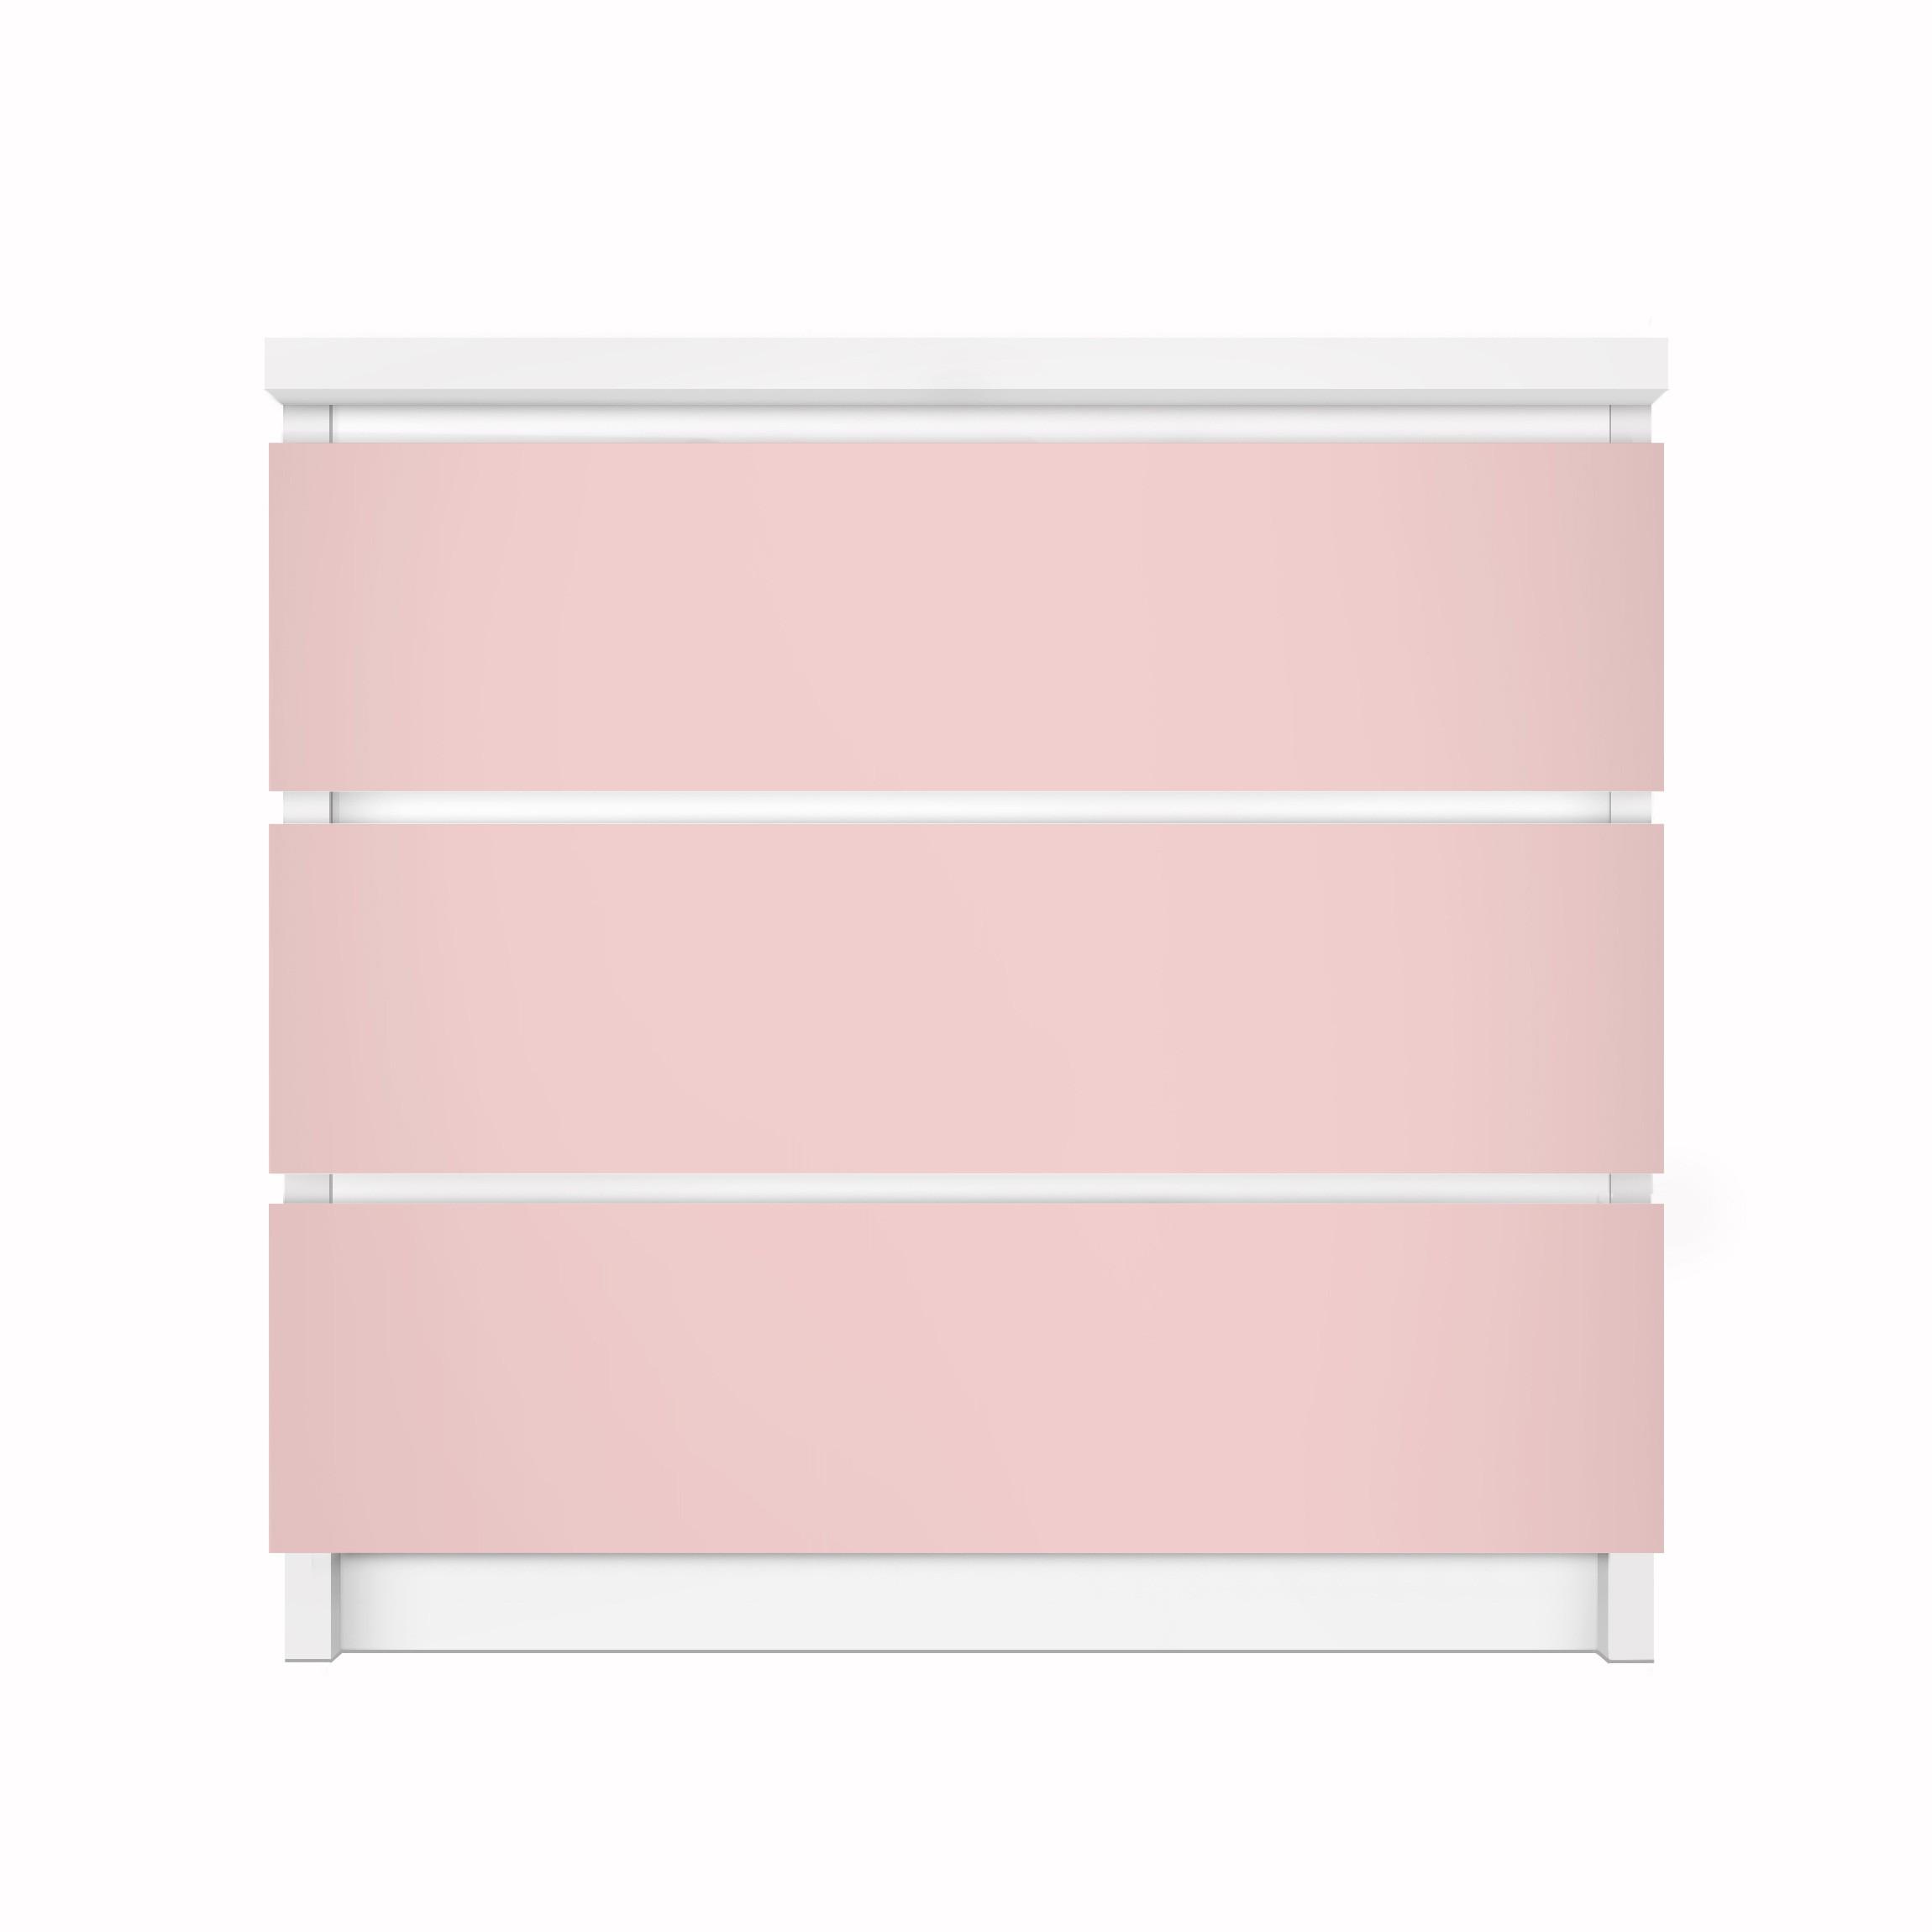 Carta adesiva per mobili ikea malm cassettiera 3xcassetti colour rose - Carta per ricoprire mobili ...